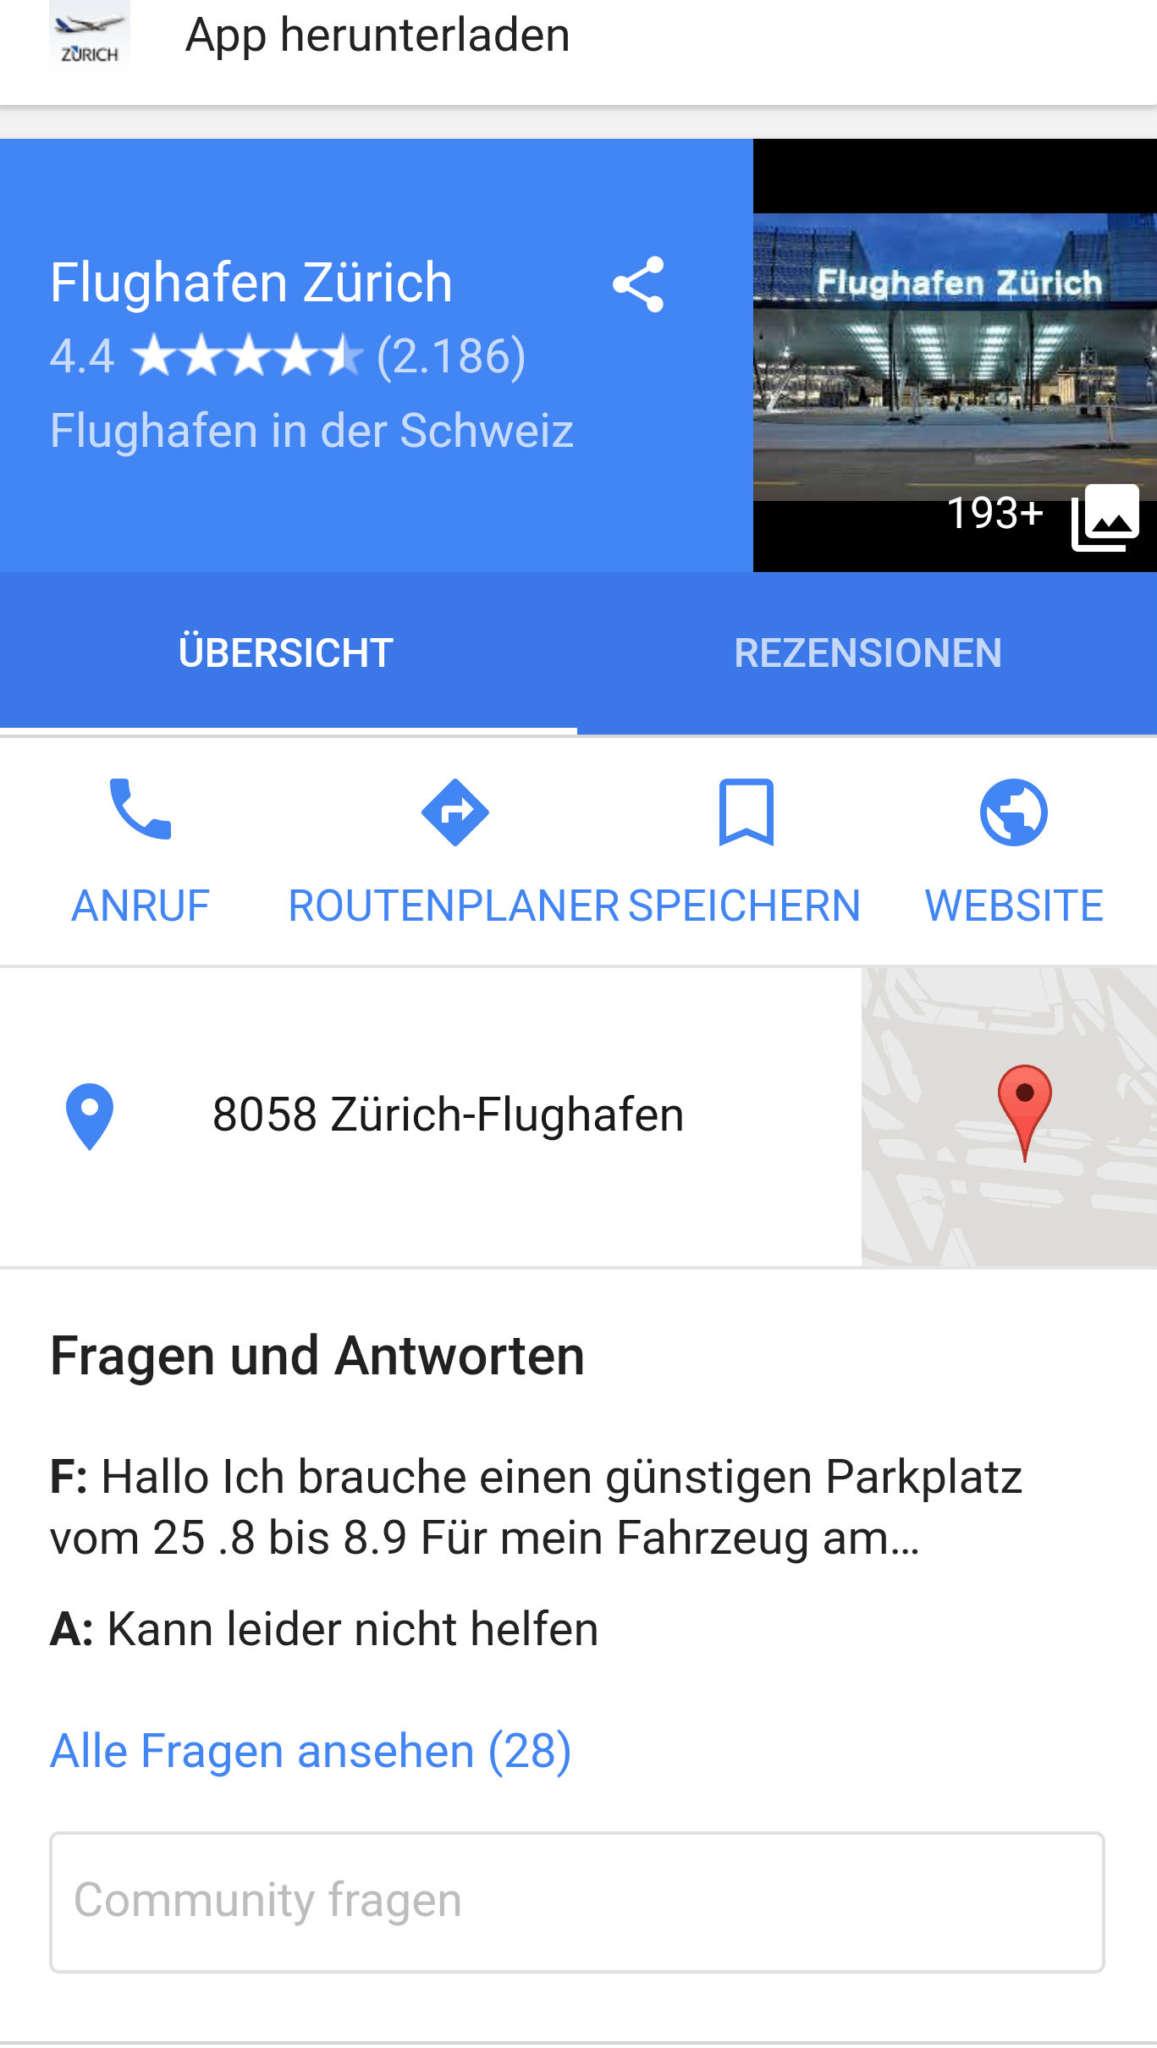 """Bild das die Funktion """"Fragen und Antworten"""" in Google Maps zeigt."""